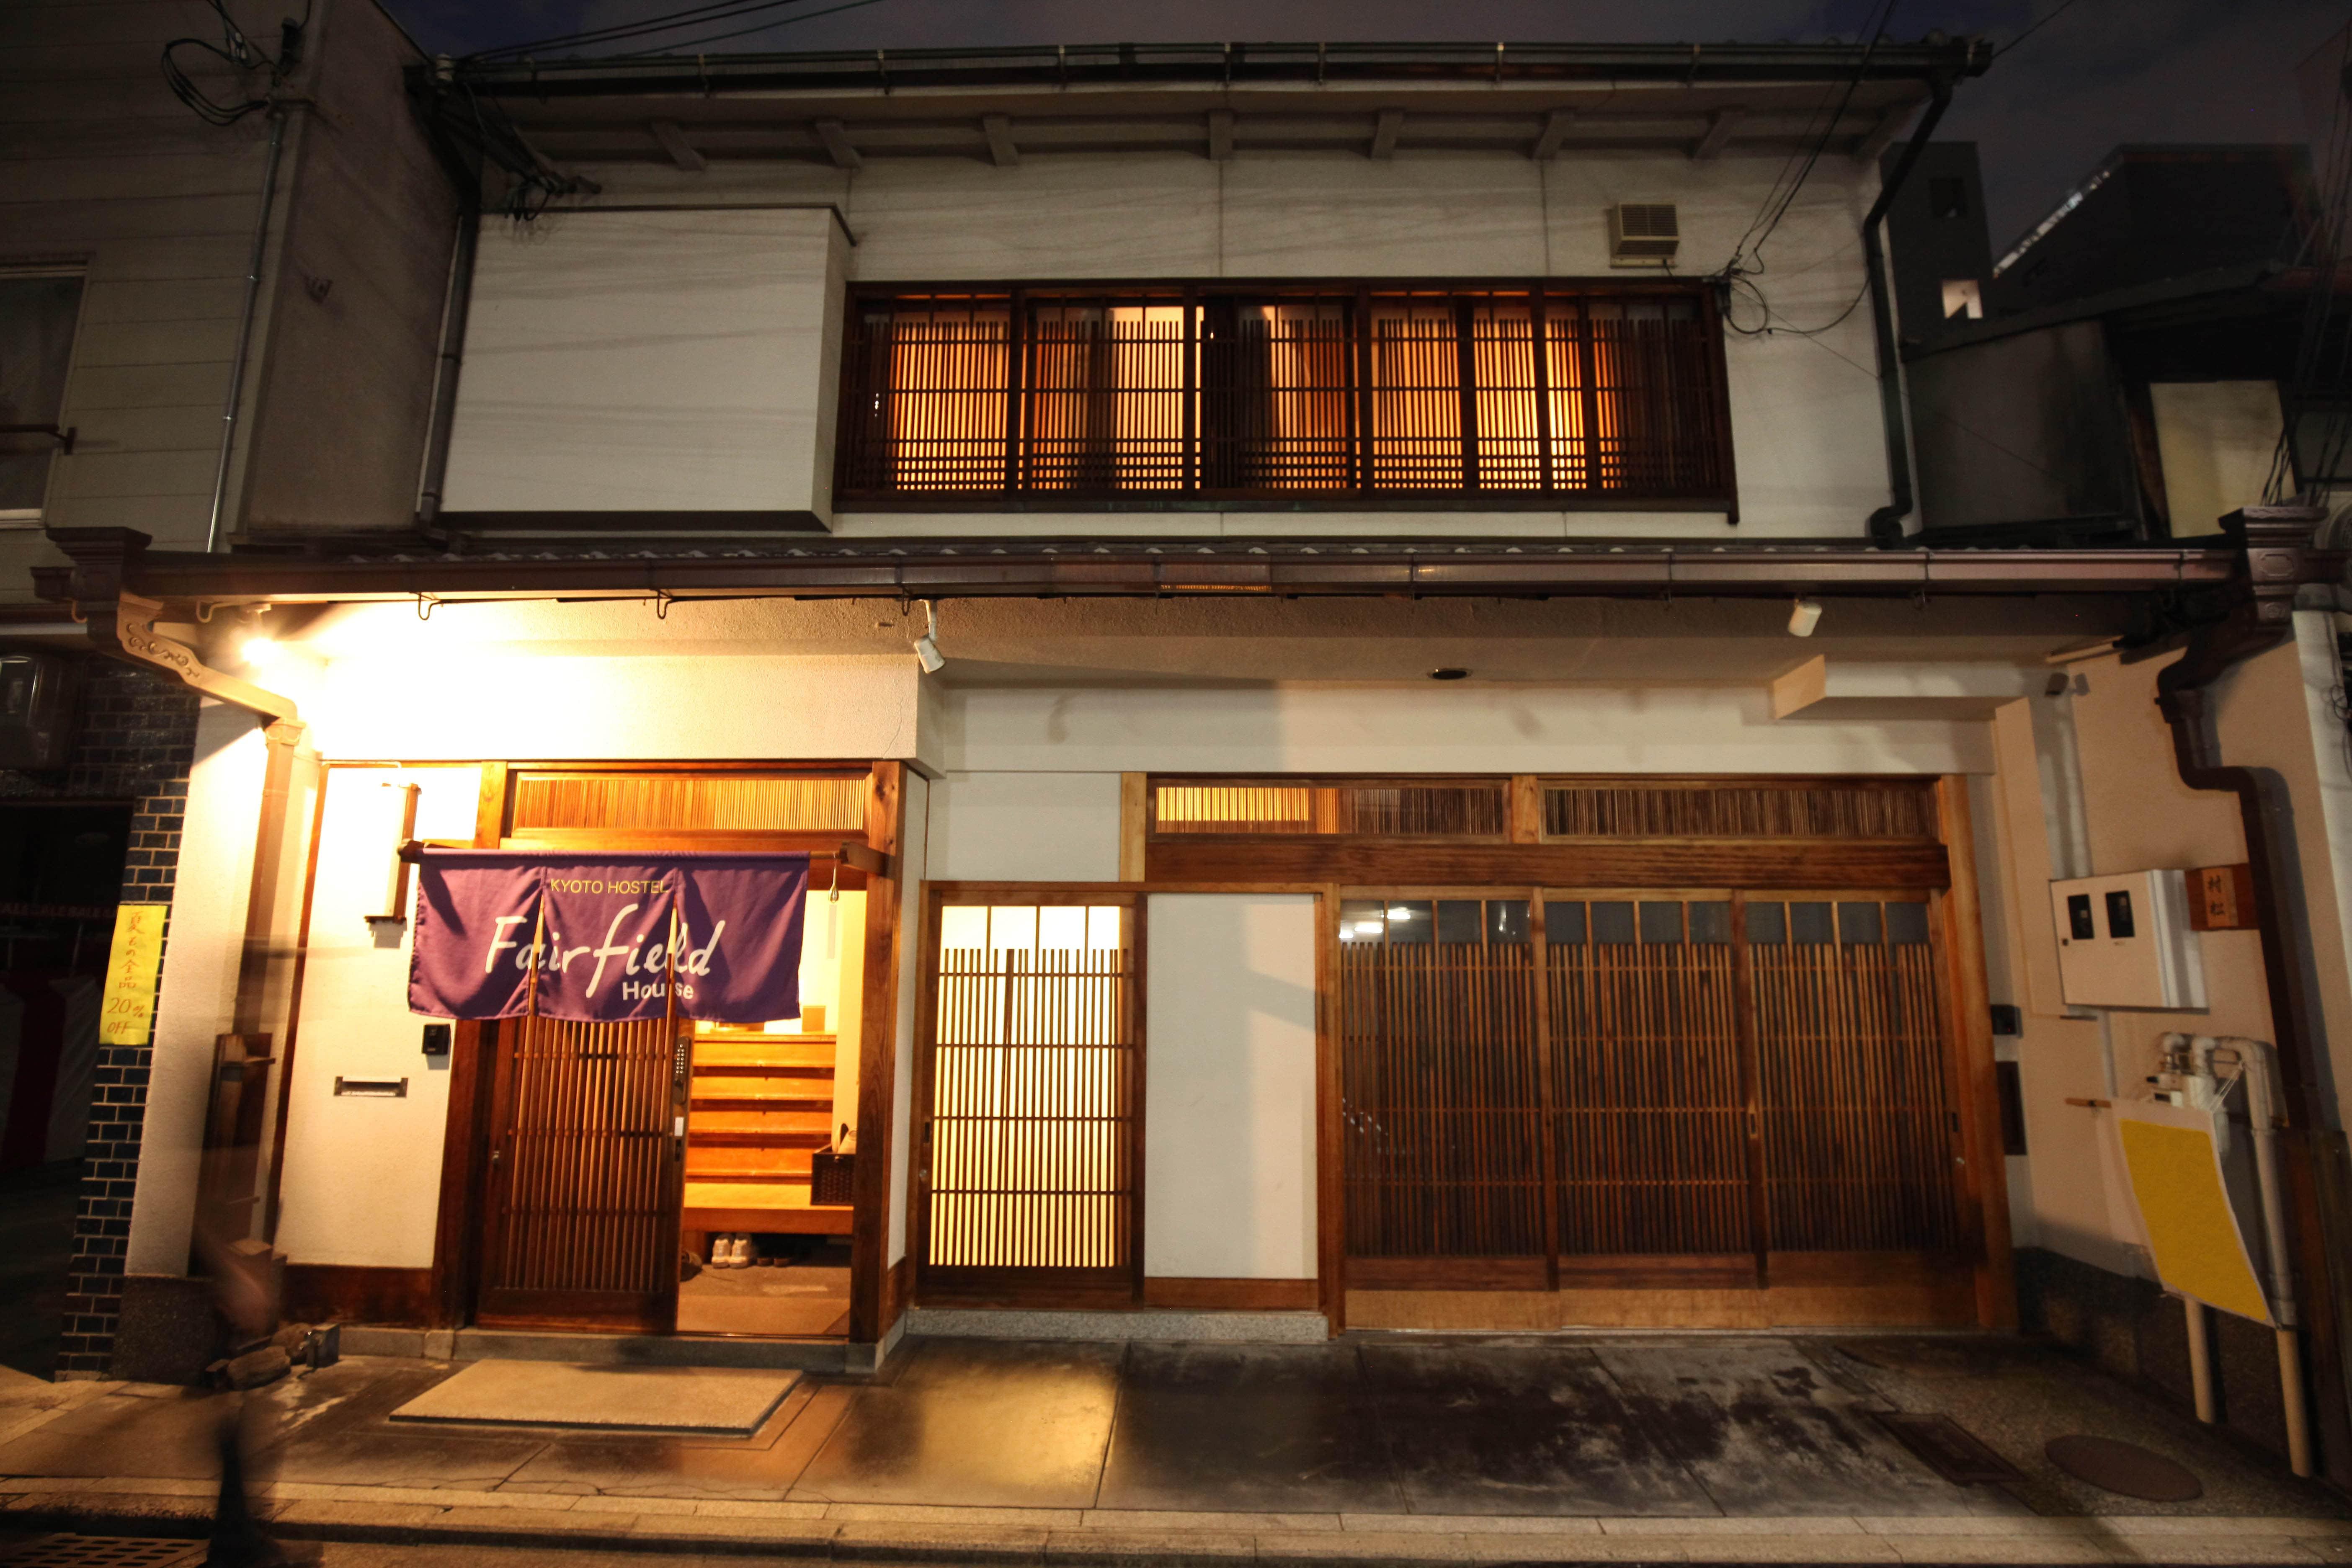 |京都|ホステル|住み込みスタッフ募集中。学生、留学生、フリーター、ワーホリ大歓迎。